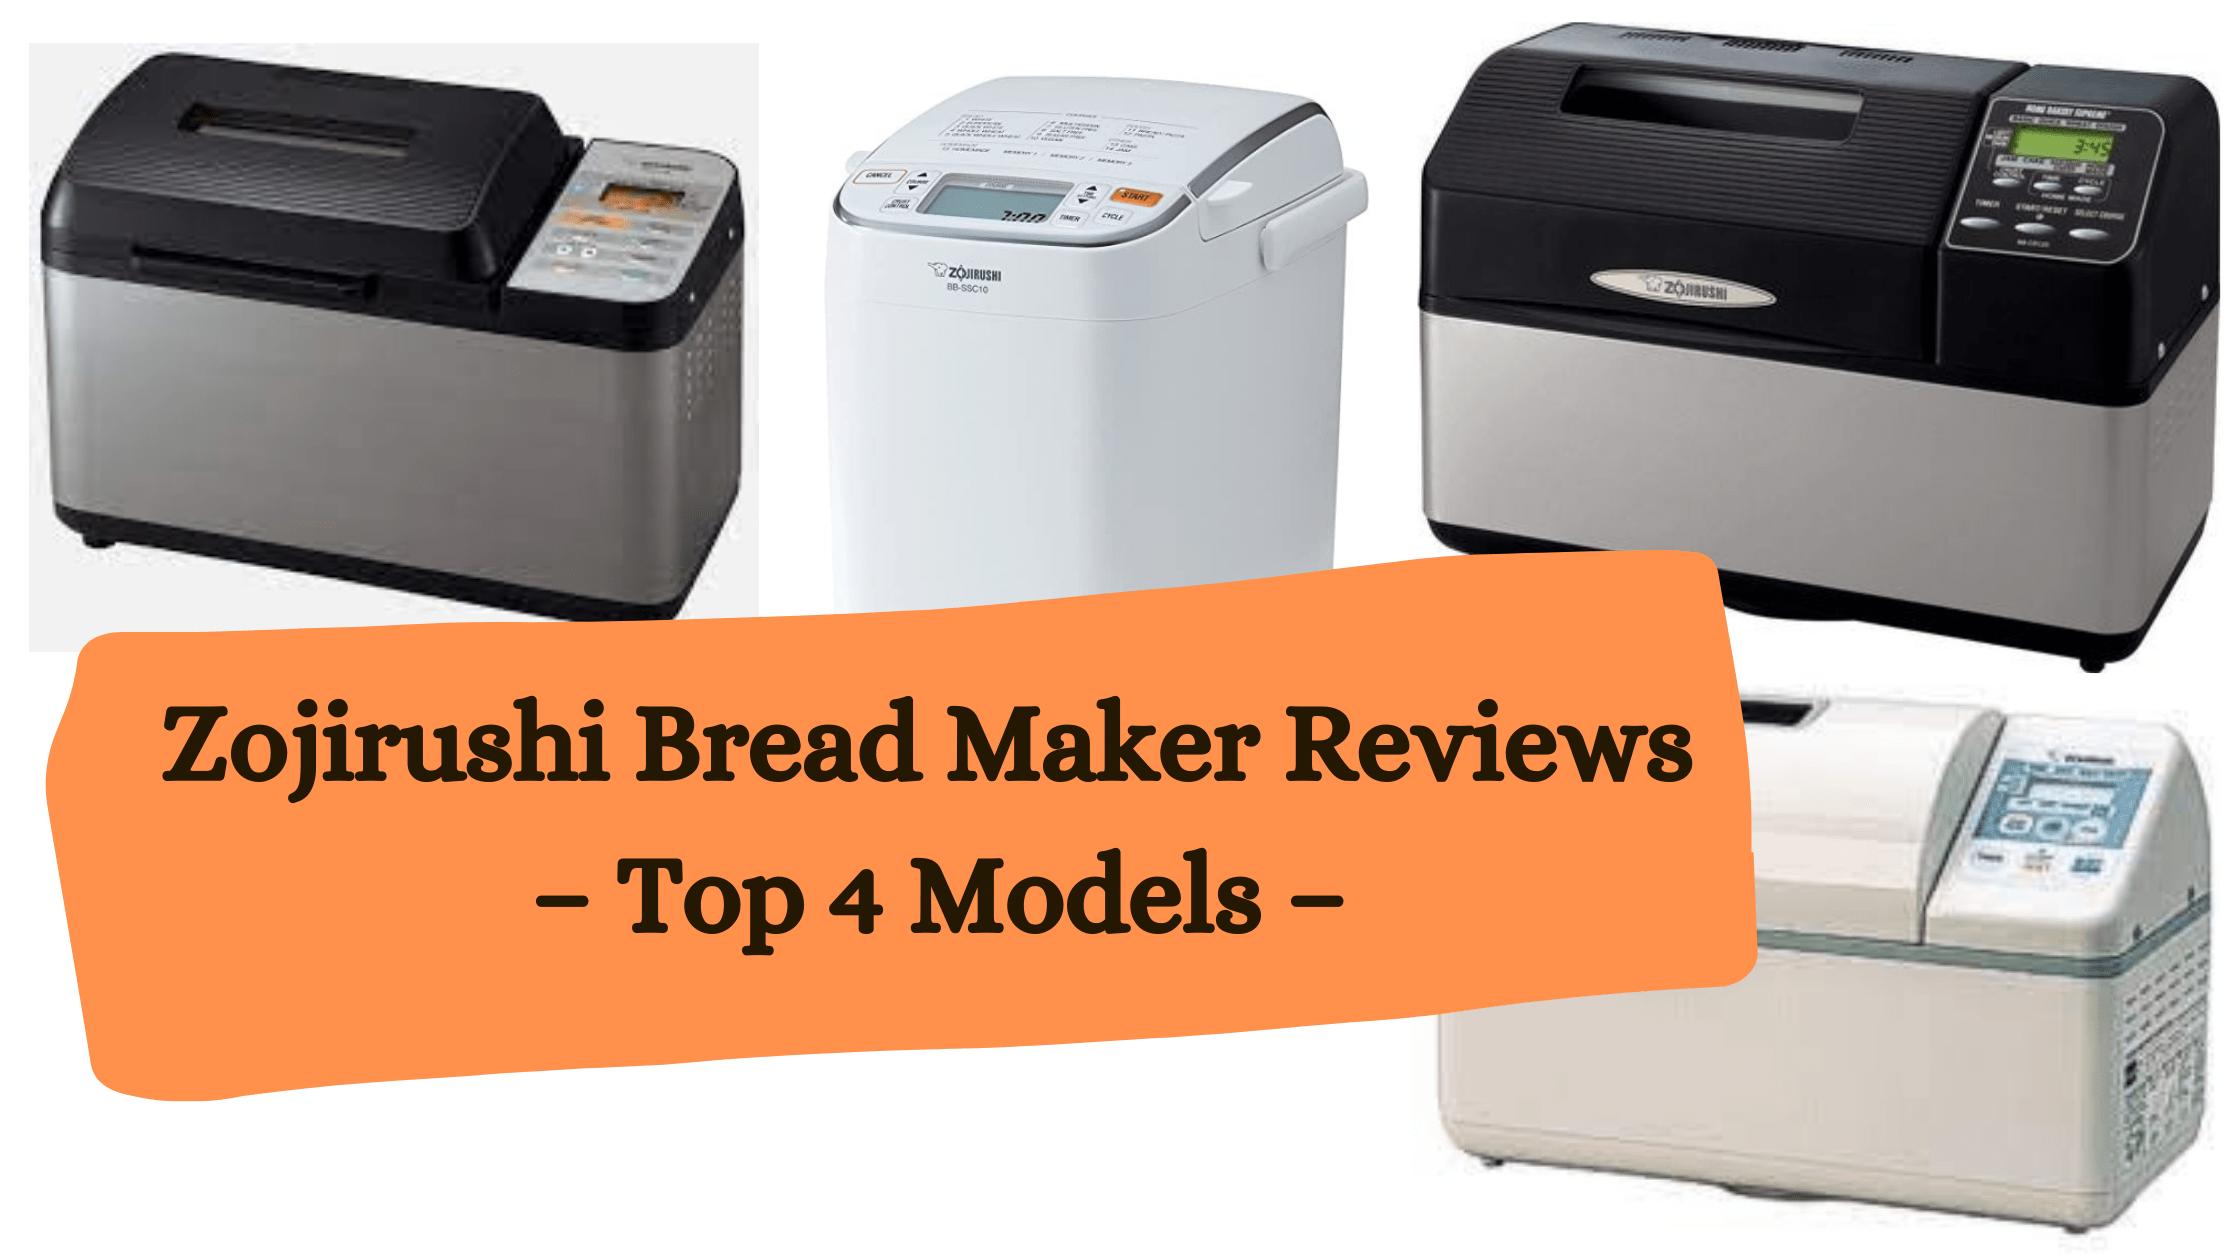 Zojirushi Bread Maker Reviews